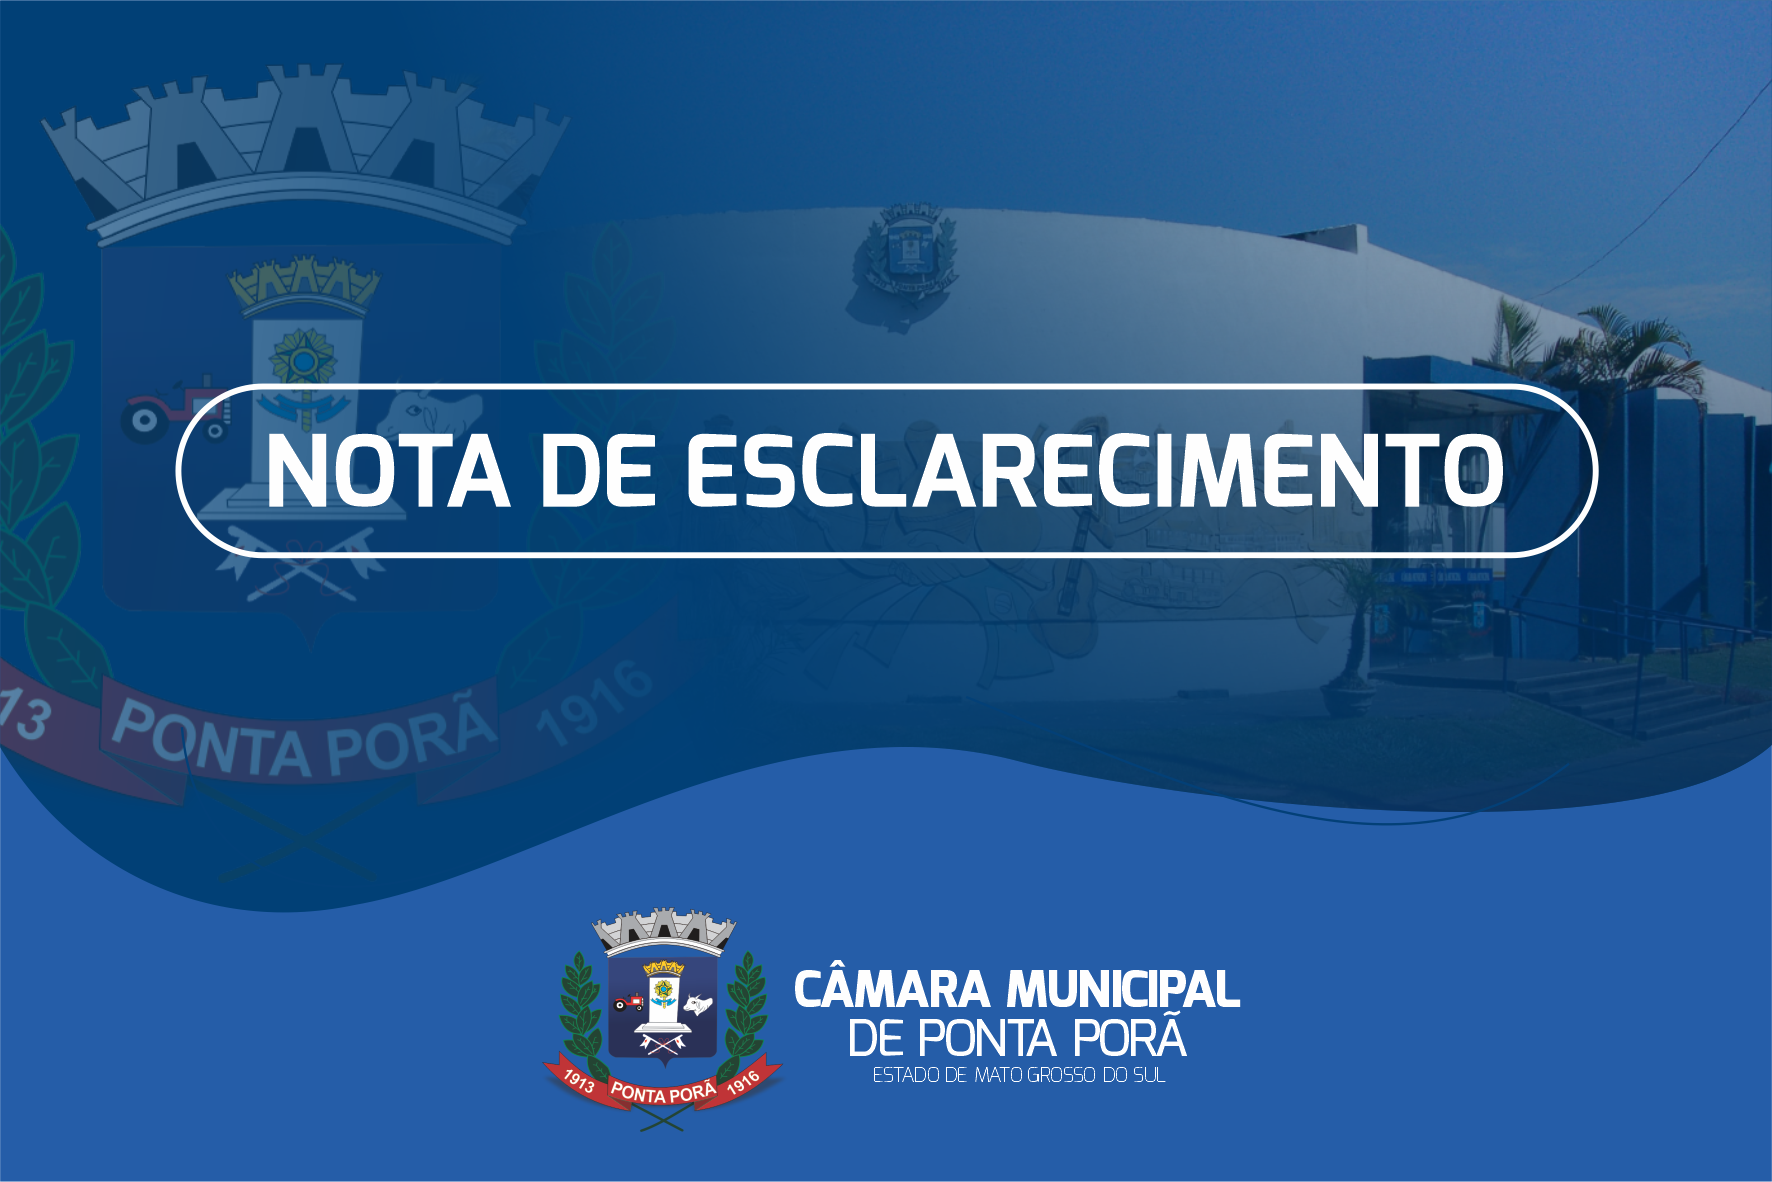 Nota de esclarecimento da Presidência da Câmara Municipal de Ponta Porã